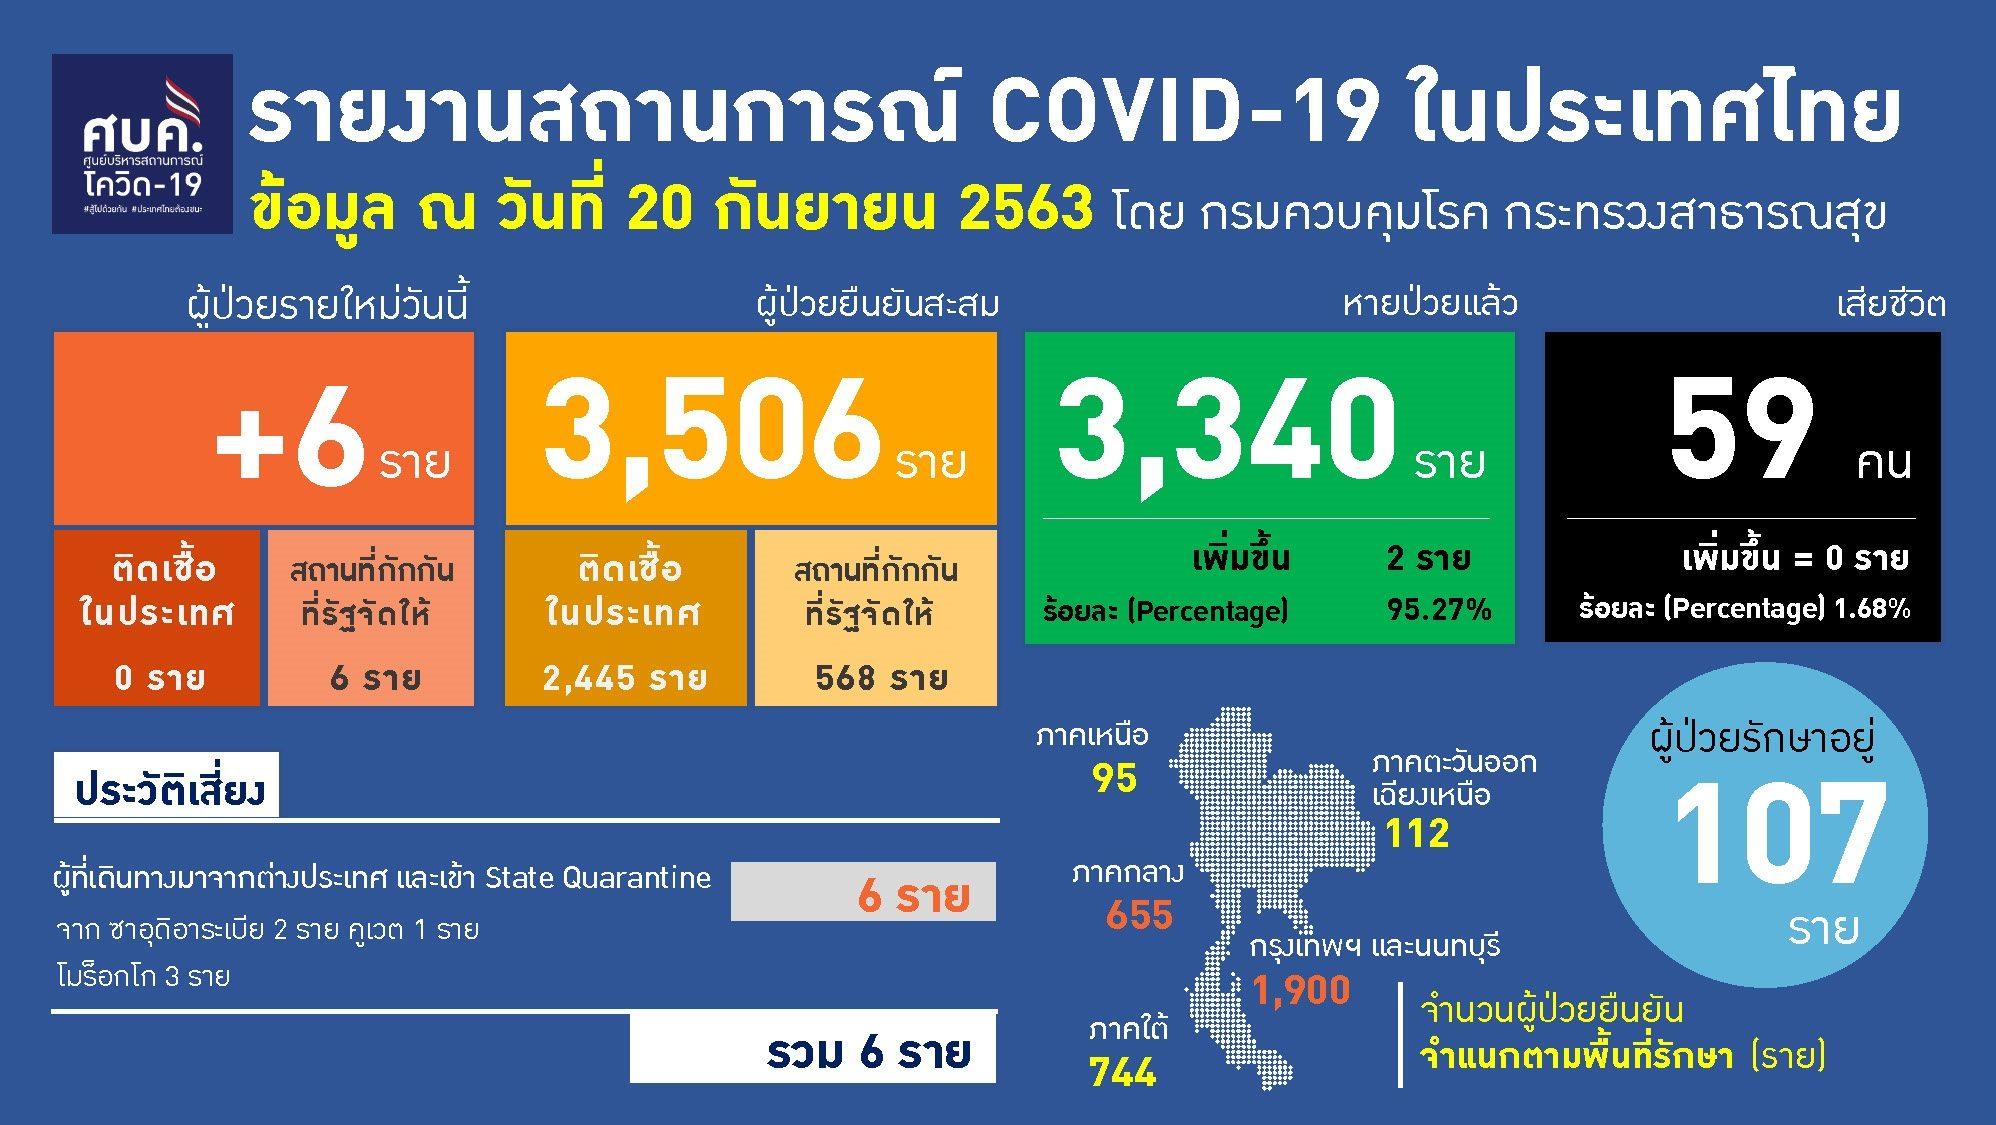 ไทยป่วยโควิดใหม่ 6 ราย สะสม 3,506 ราย เหลือรักษาใน รพ.107ราย